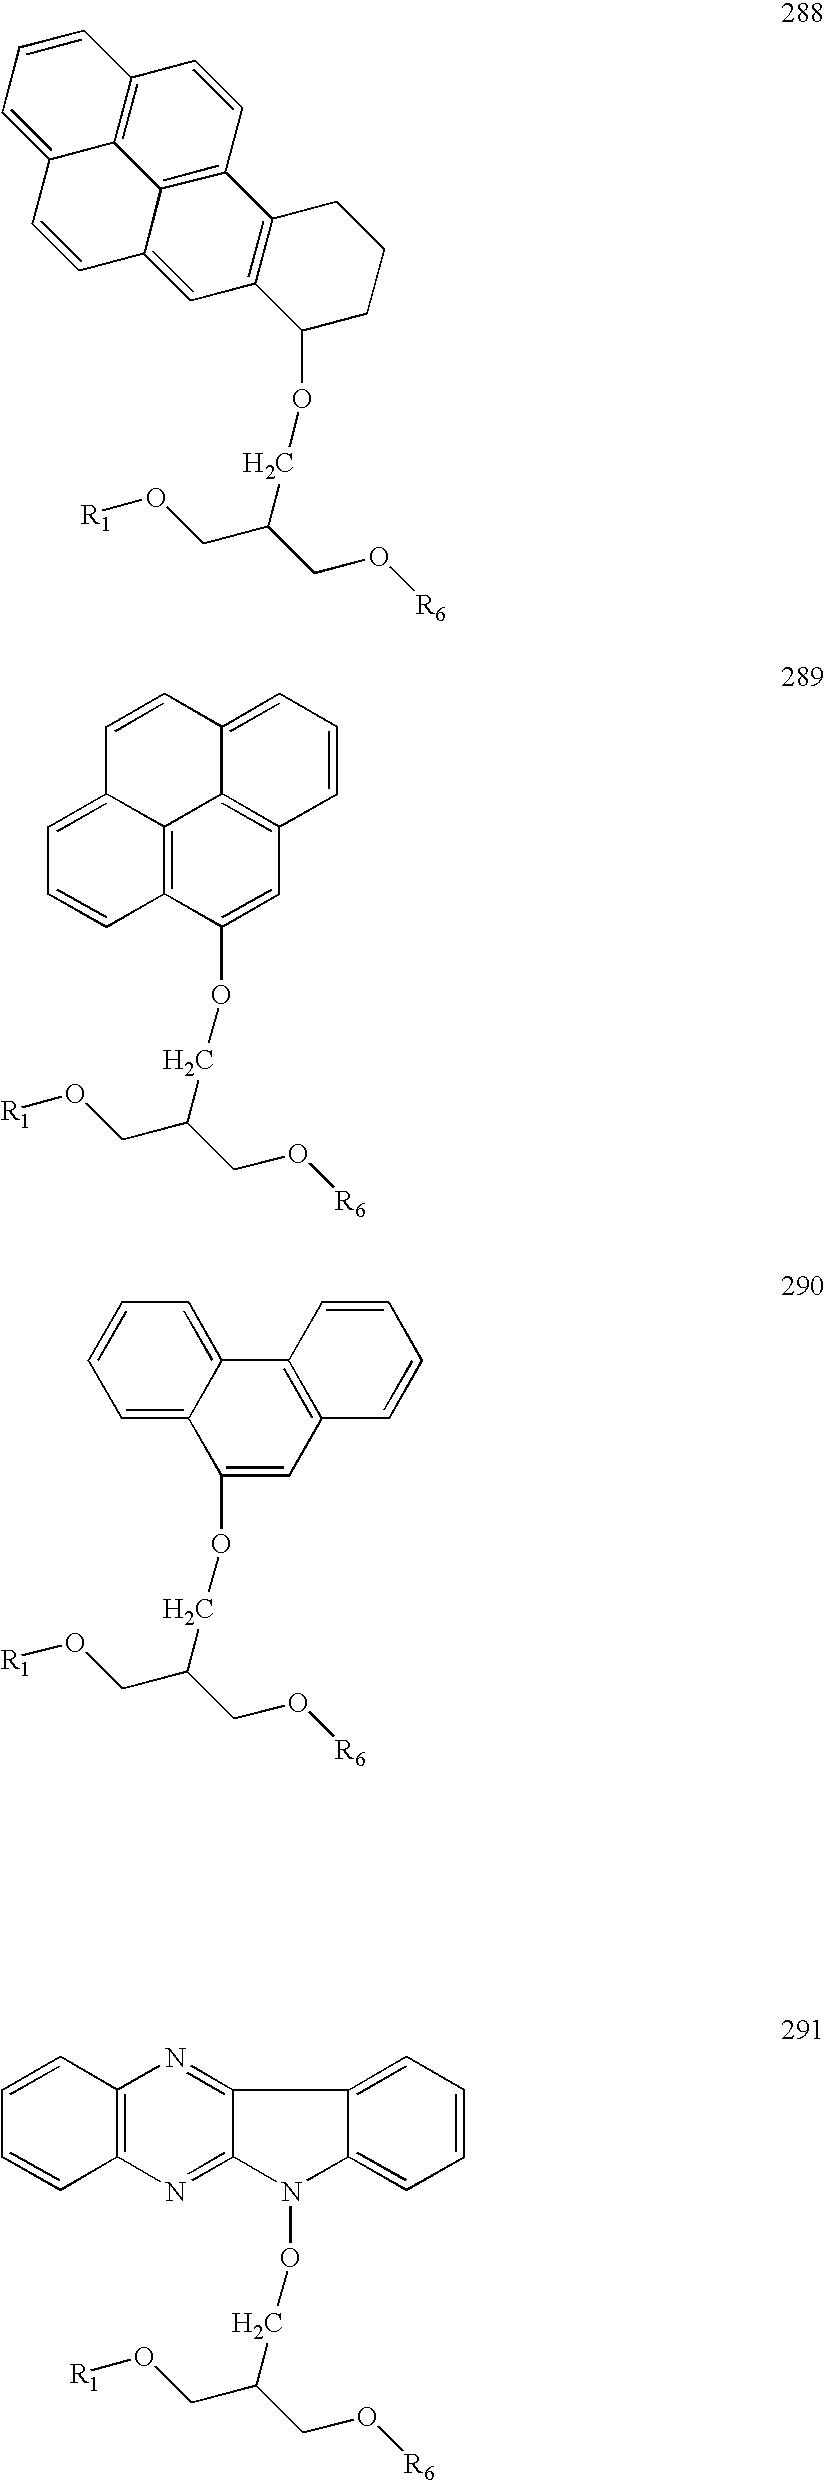 Figure US20060014144A1-20060119-C00151